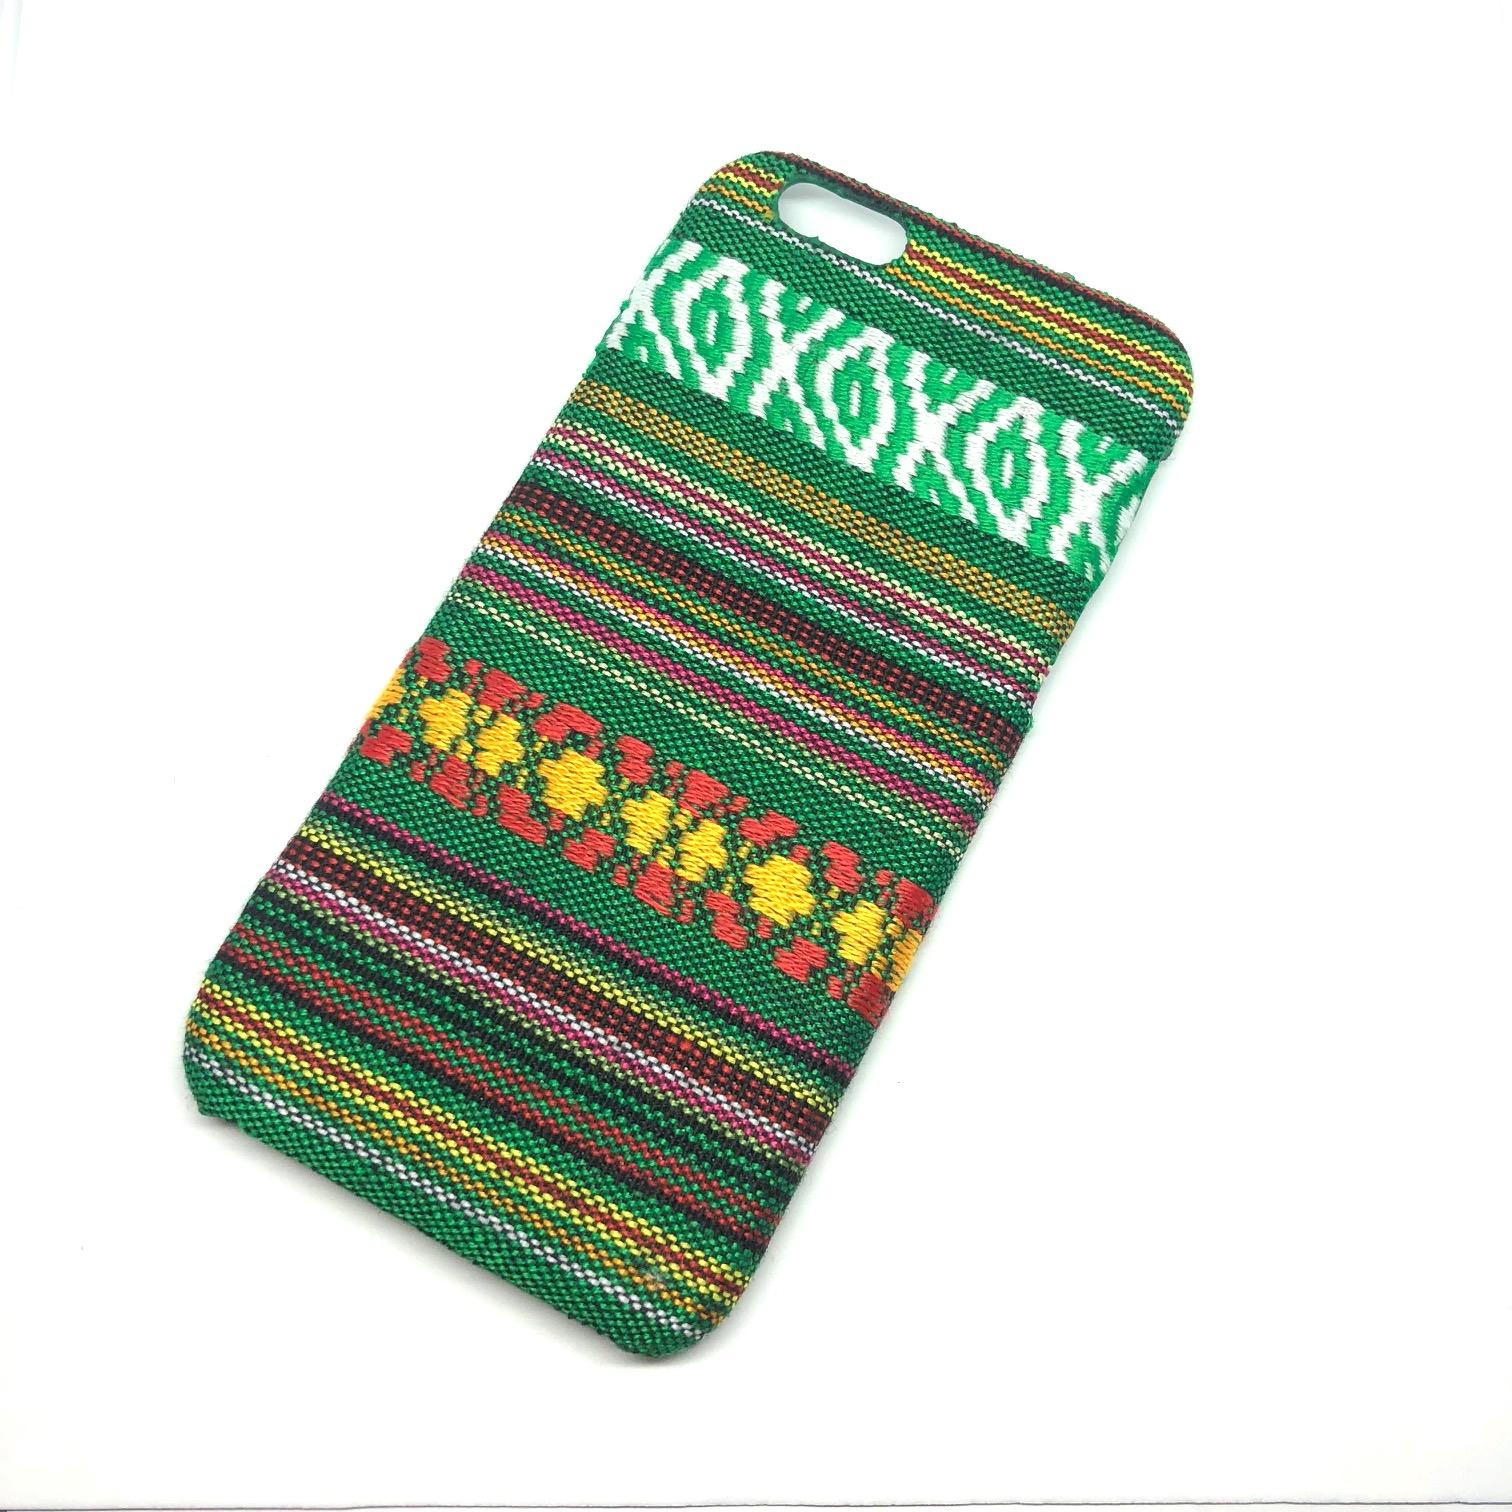 iPhone 7-8 Marokko stof cover model 1